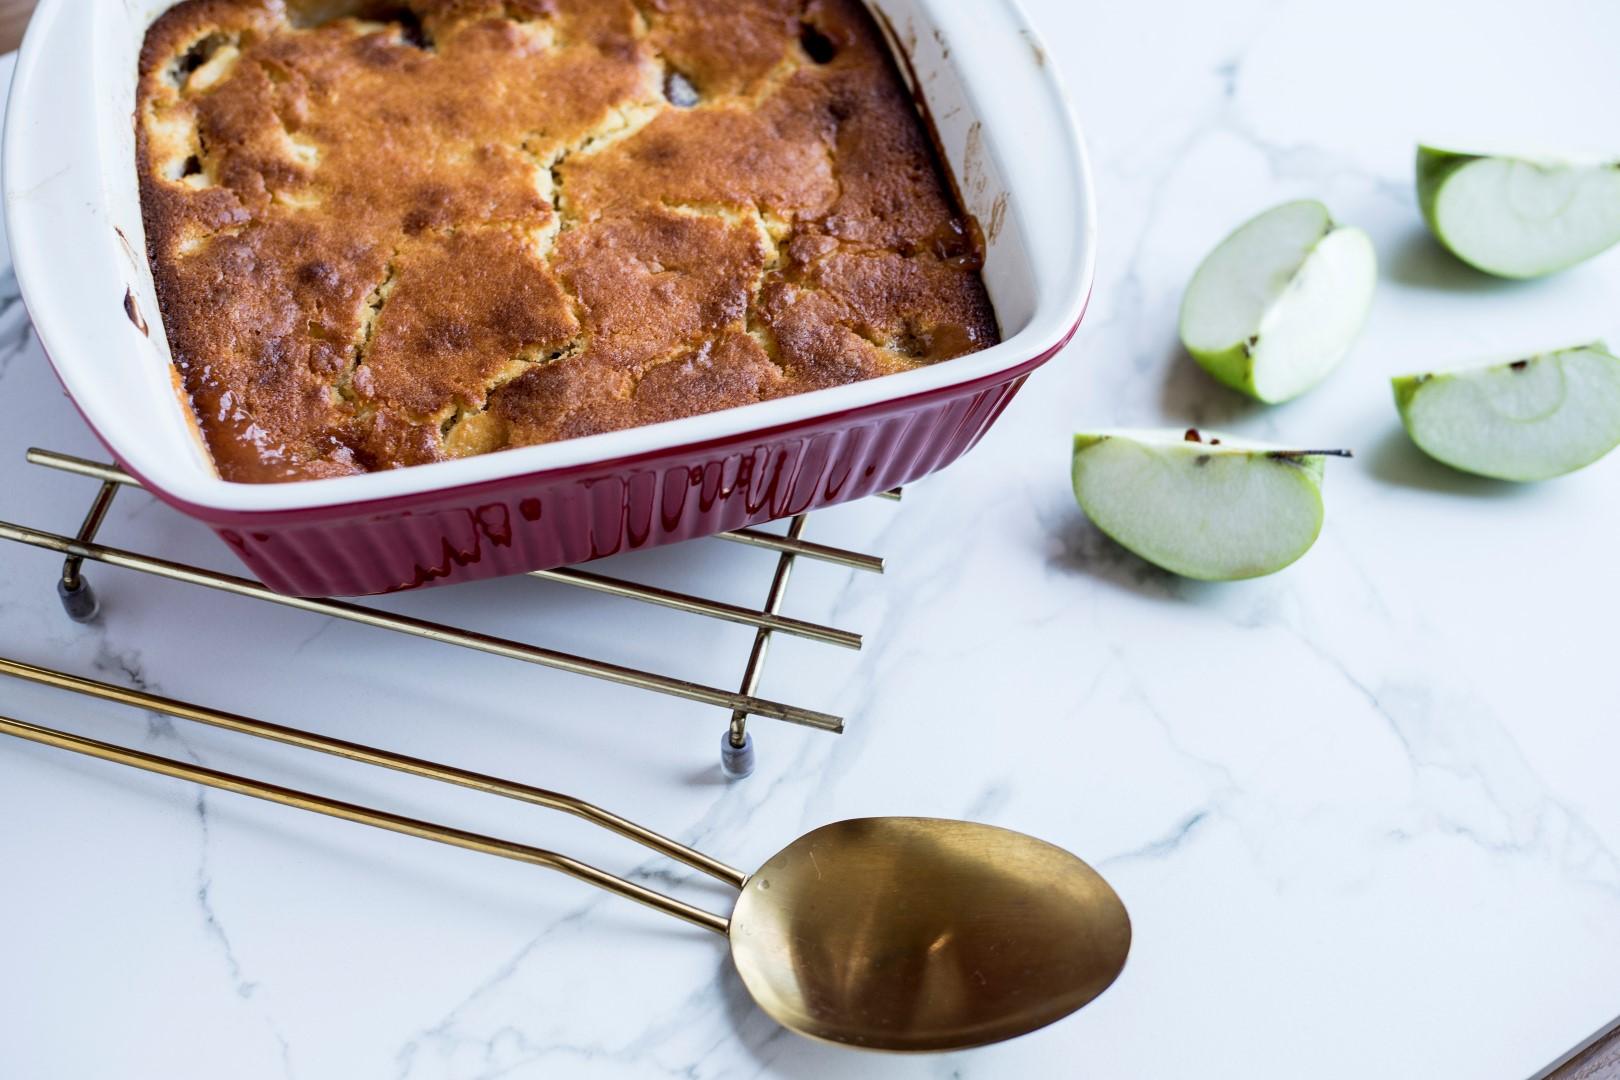 postre cobbler de manzana y dulce de membrillo Los Nietitos, receta de cocina, postres.